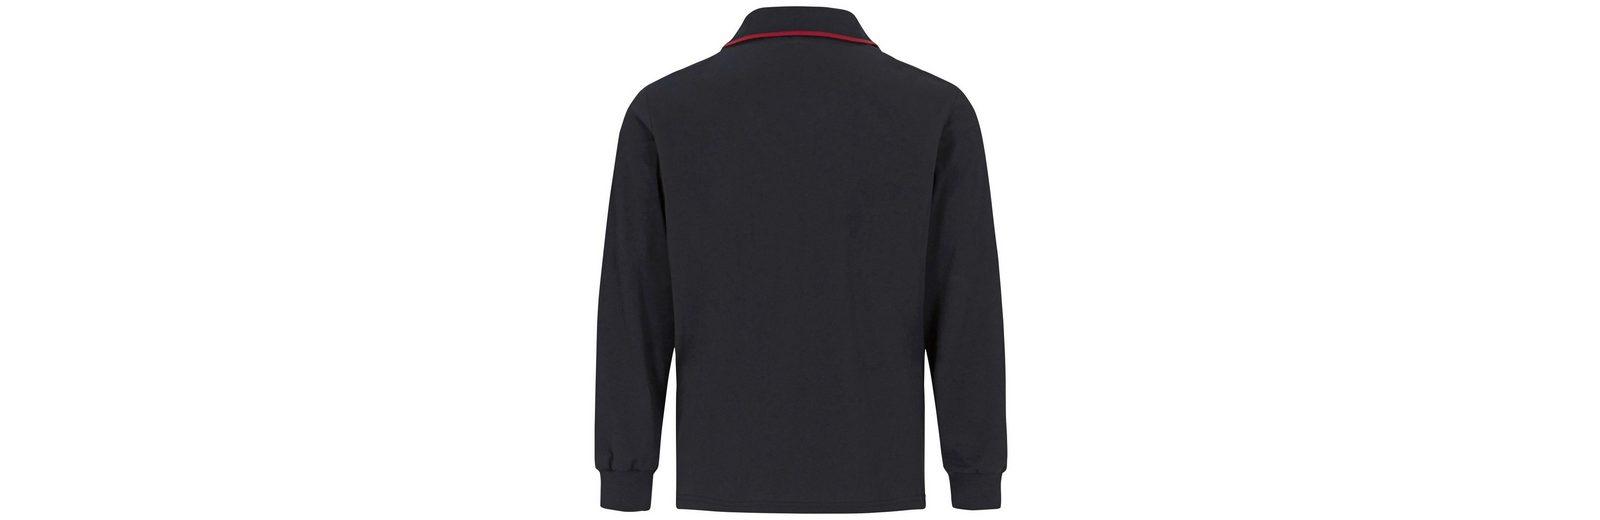 Jan Vanderstorm Sweatshirt SIGVAT Schnelle Lieferung Online Rabatt Beste Preise r4lNwm